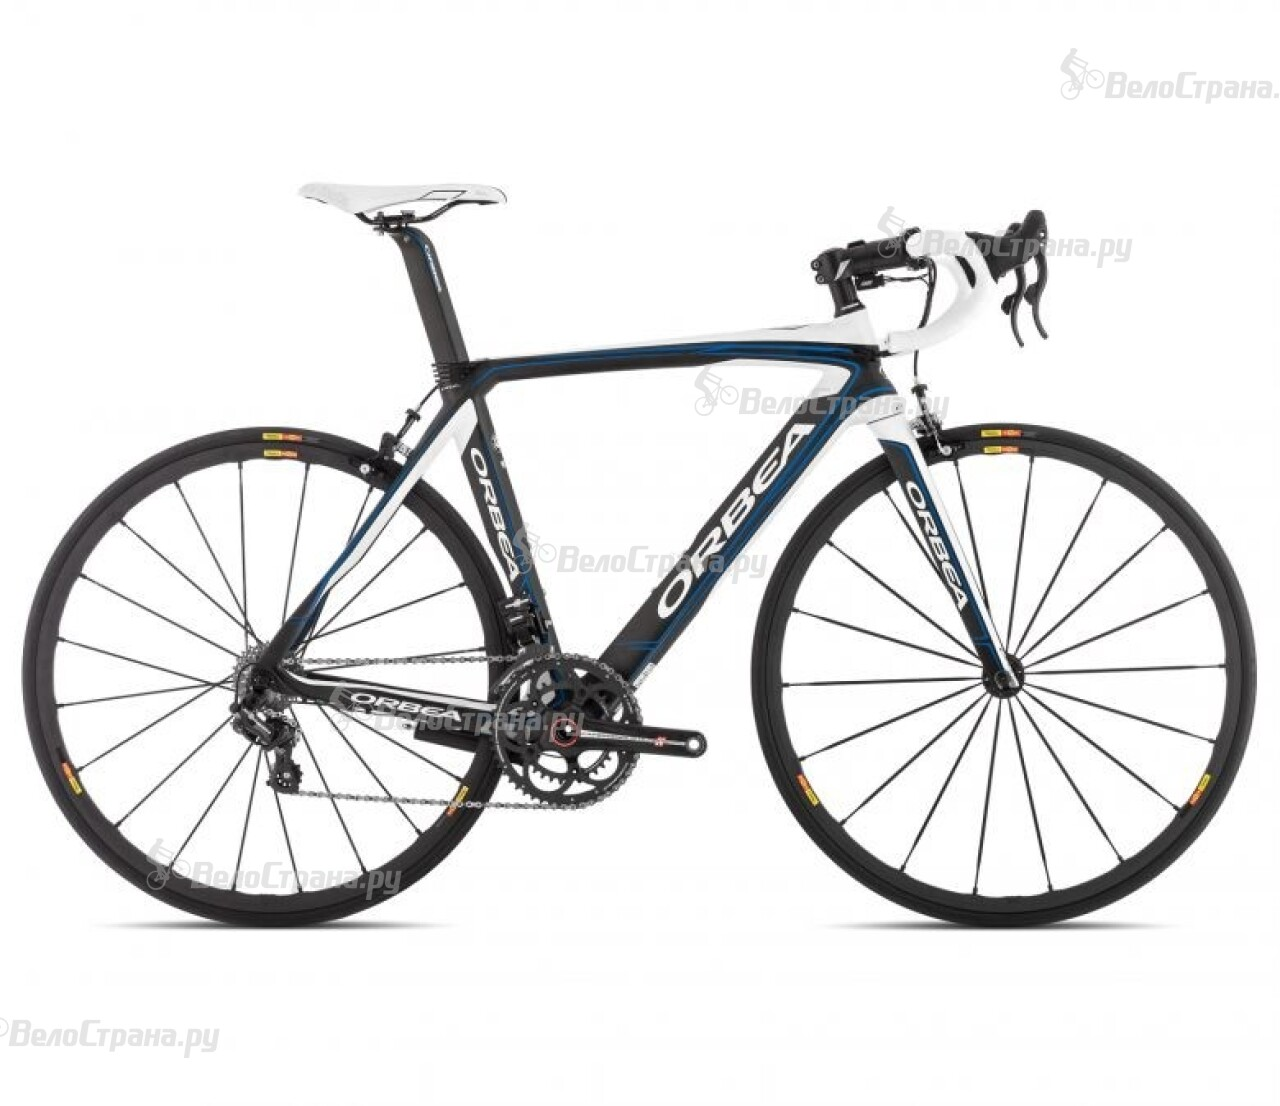 Велосипед Orbea Orca M11 (2014) велосипед orbea orca gli2 2013